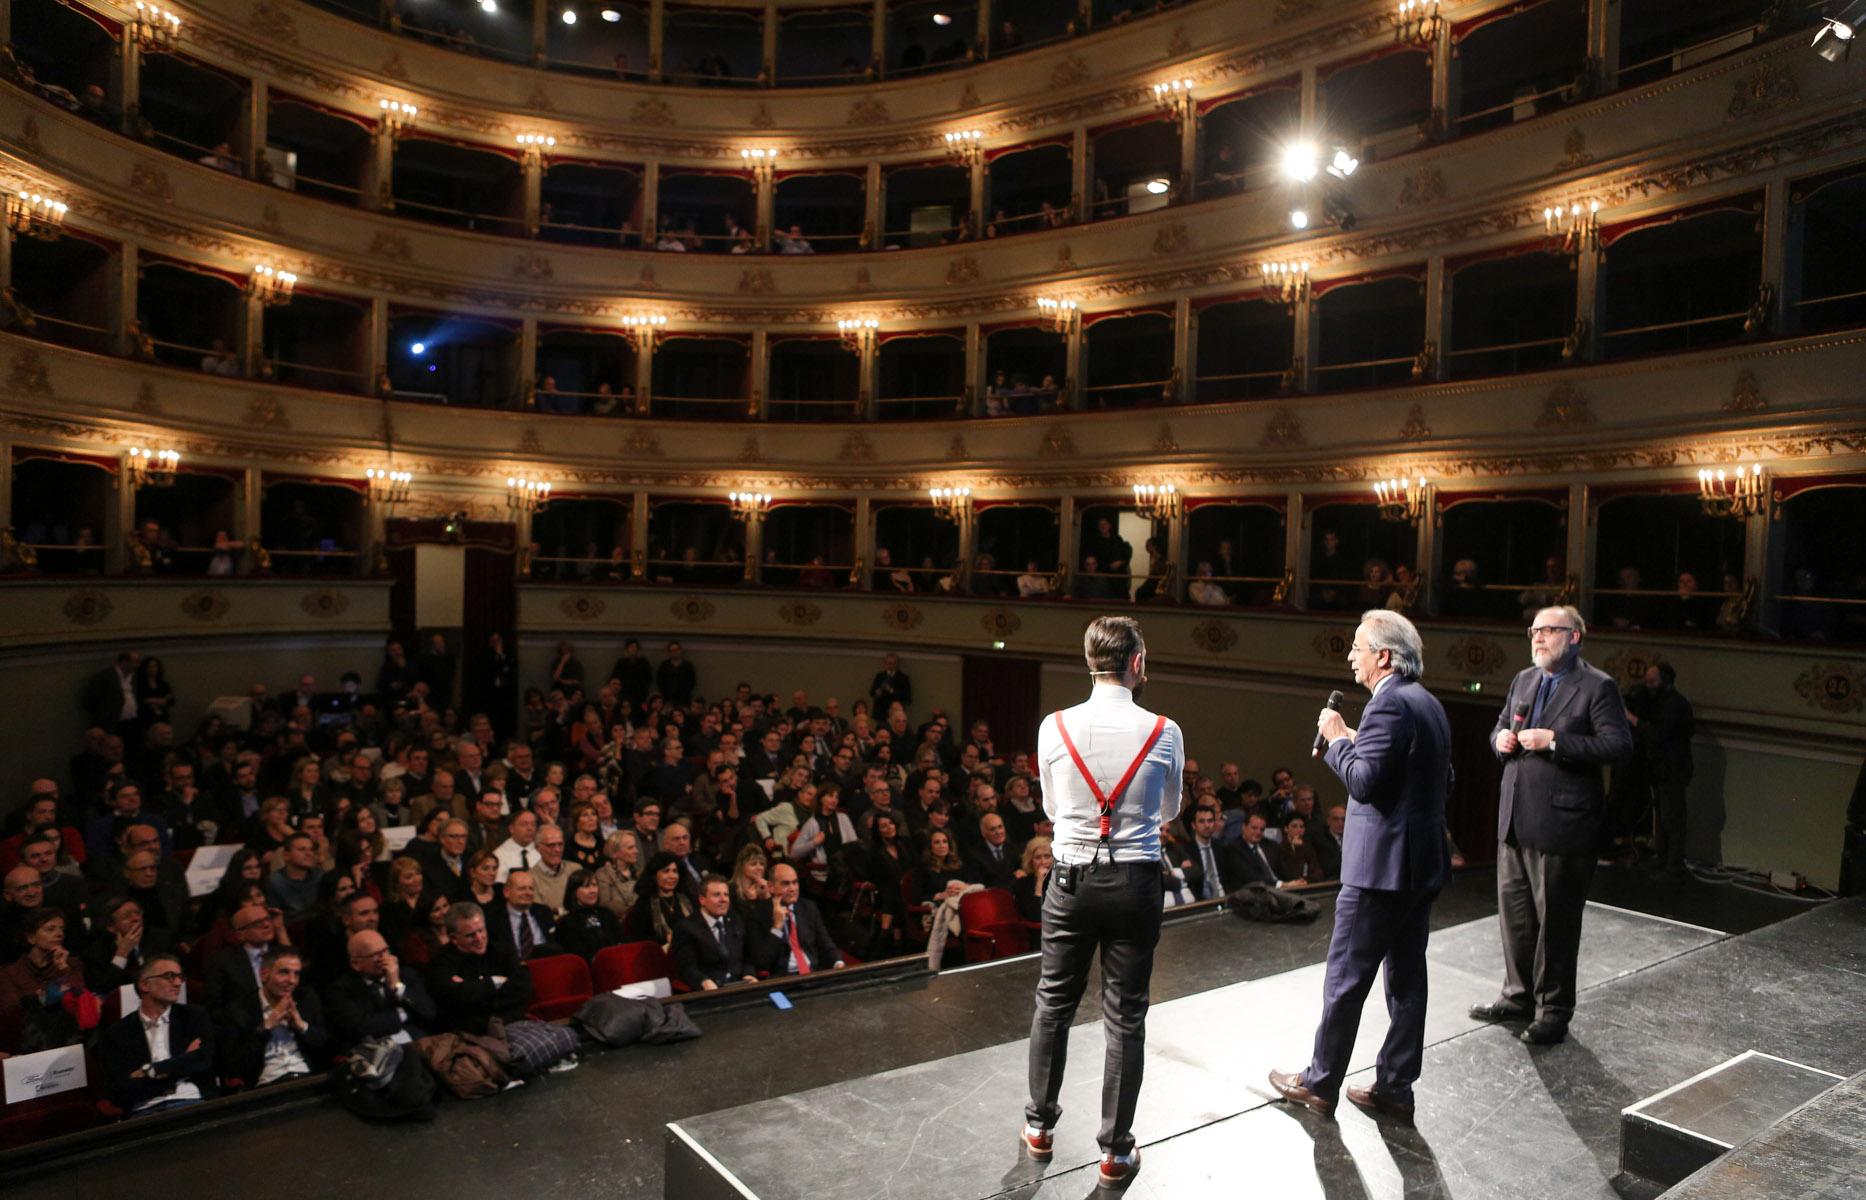 http://www.centropagina.it/wp-content/uploads/2017/02/Pagina-Jesi-in-Progress-Socci-Rettore-Longhi-Repubblica-pubblico-.jpg